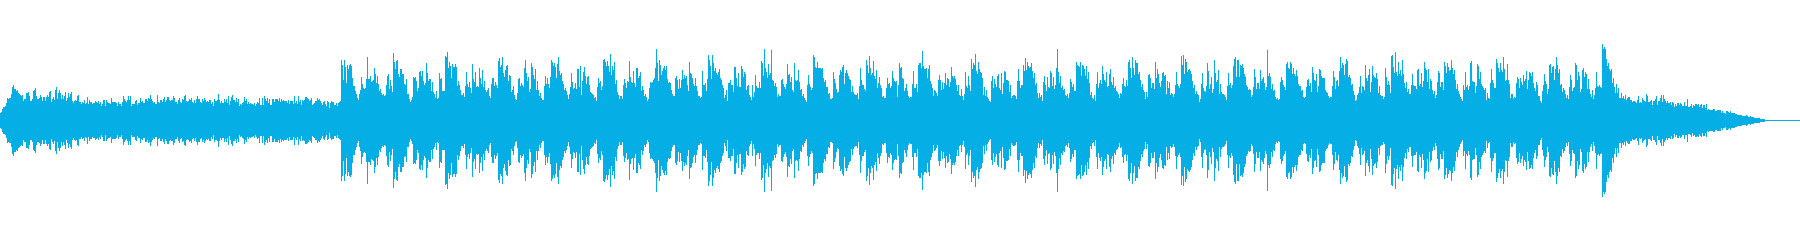 重厚なダークファンタジー系アンビエントの再生済みの波形